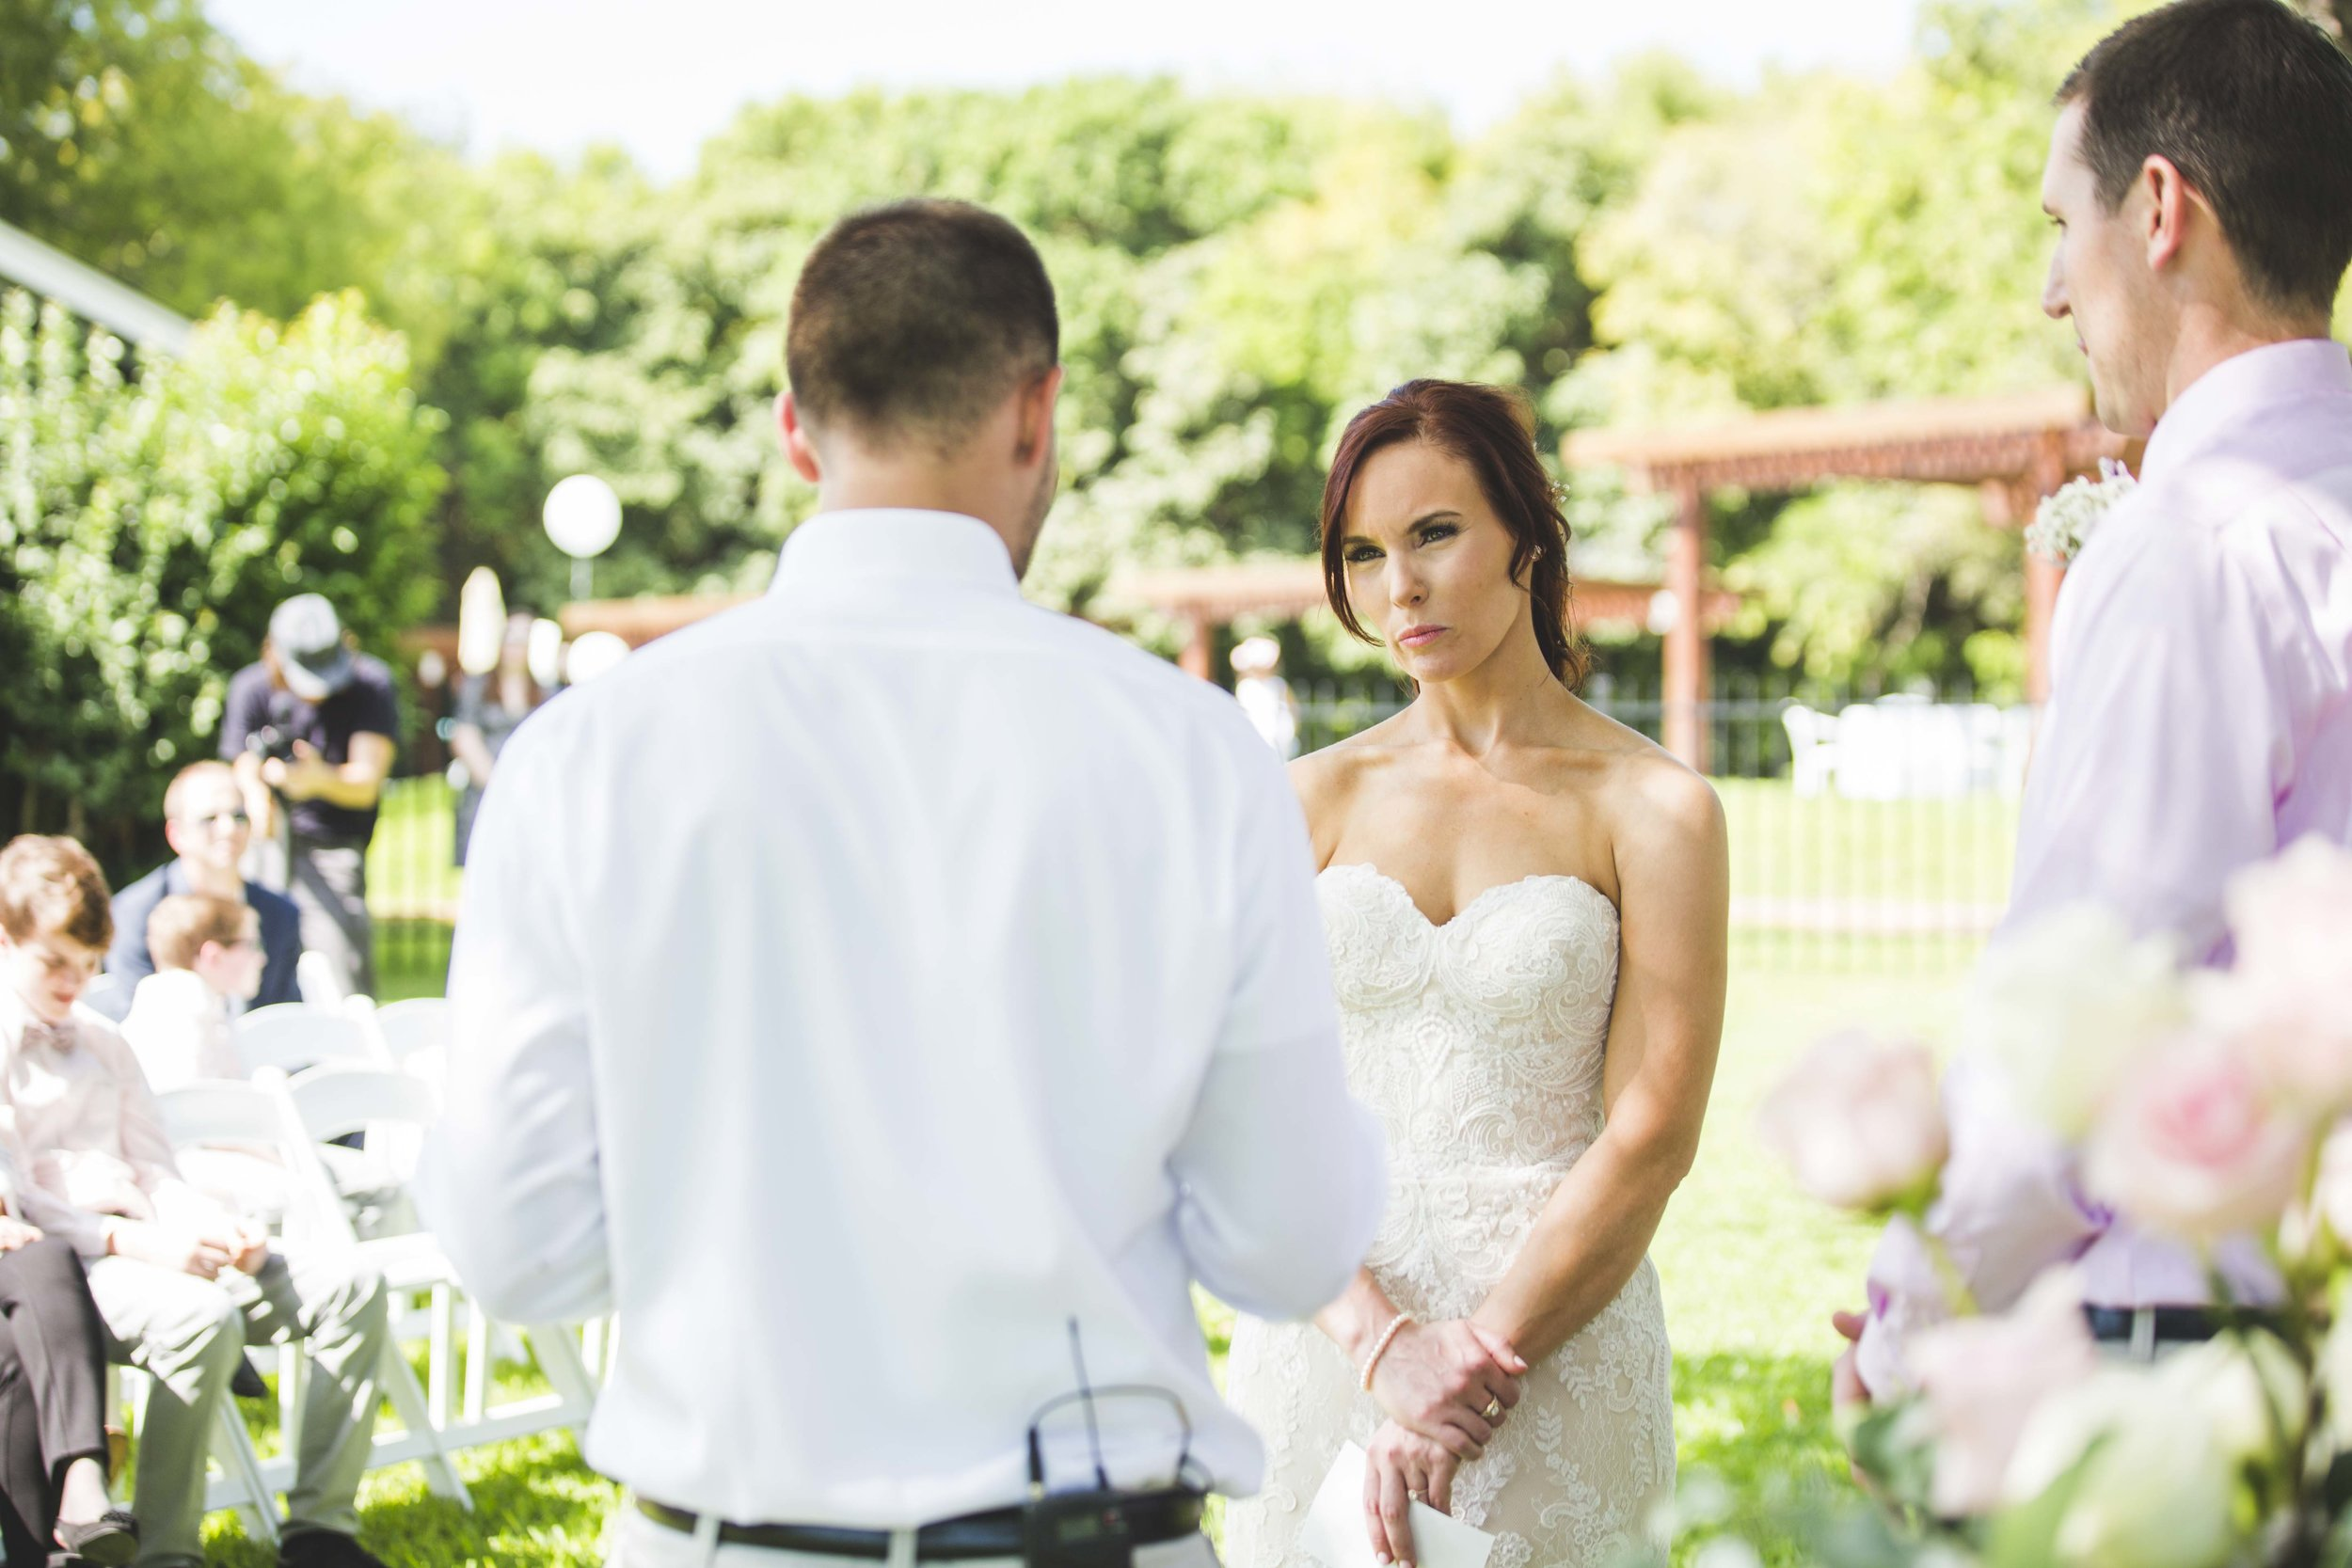 ATGI_Susanna & Matt Wedding_717A7750.jpg